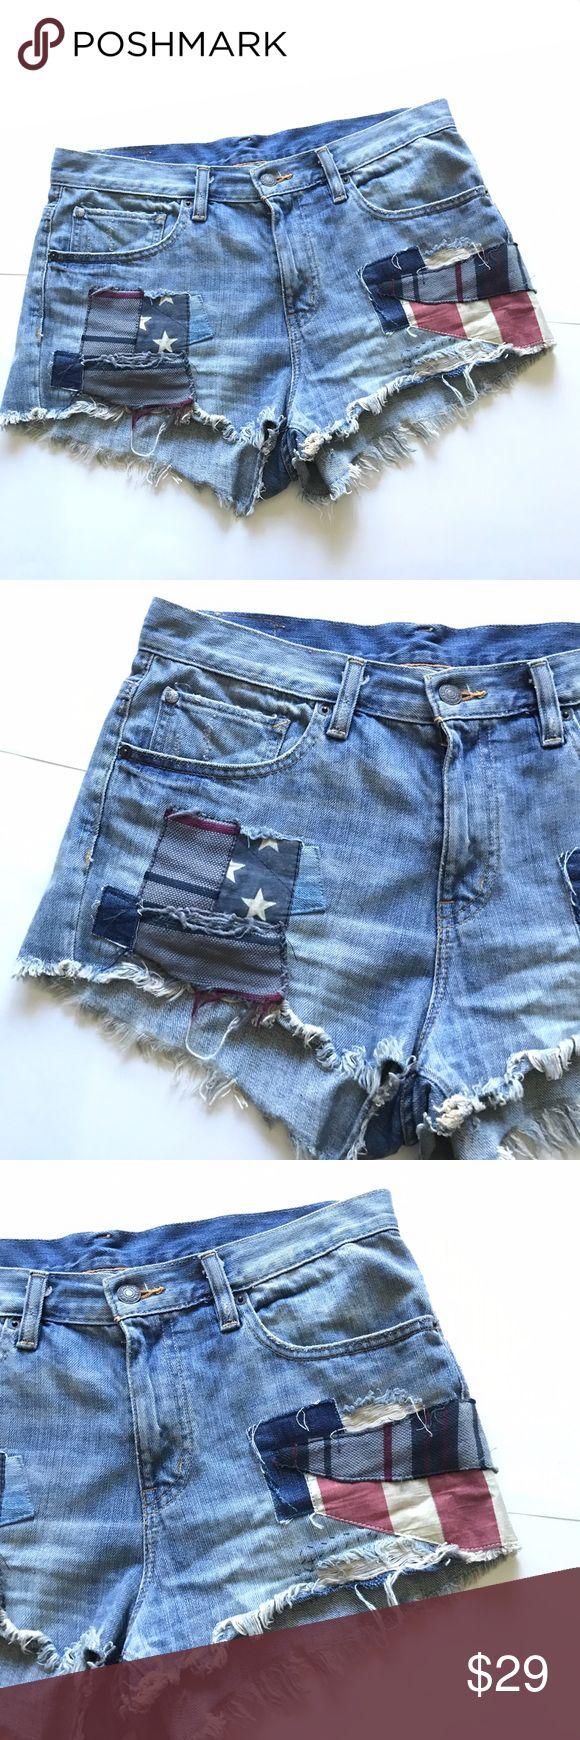 🔥BOGO🔥Patch Distressed Cutoff Jean Shorts 29 Denim & Supply Ralph Lauren  Patch Distressed Cutoff Jean Shorts 29 Denim & Supply Ralph Lauren Shorts Jean Shorts